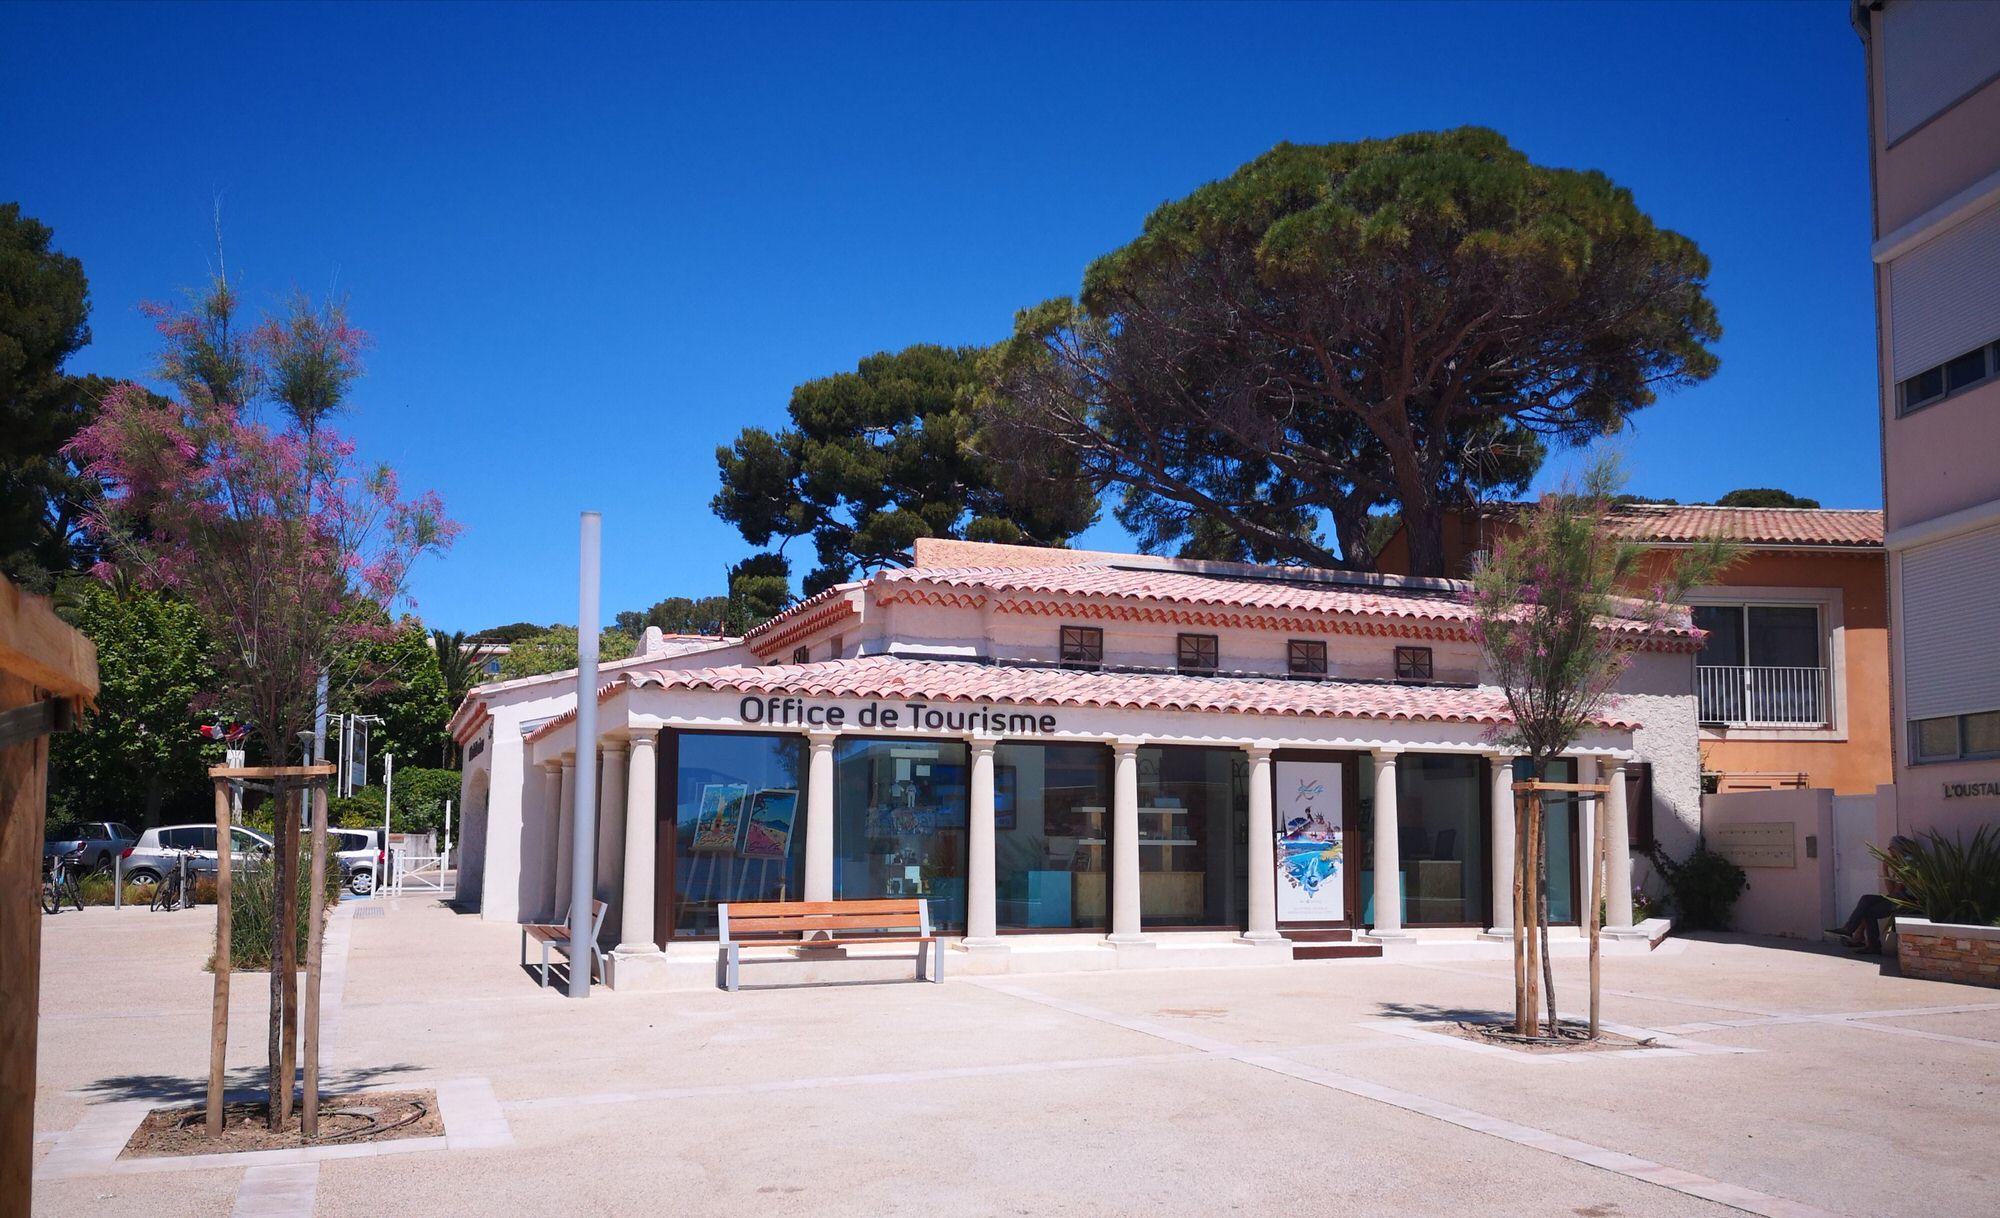 Photo extérieur de l'Office de Tourisme